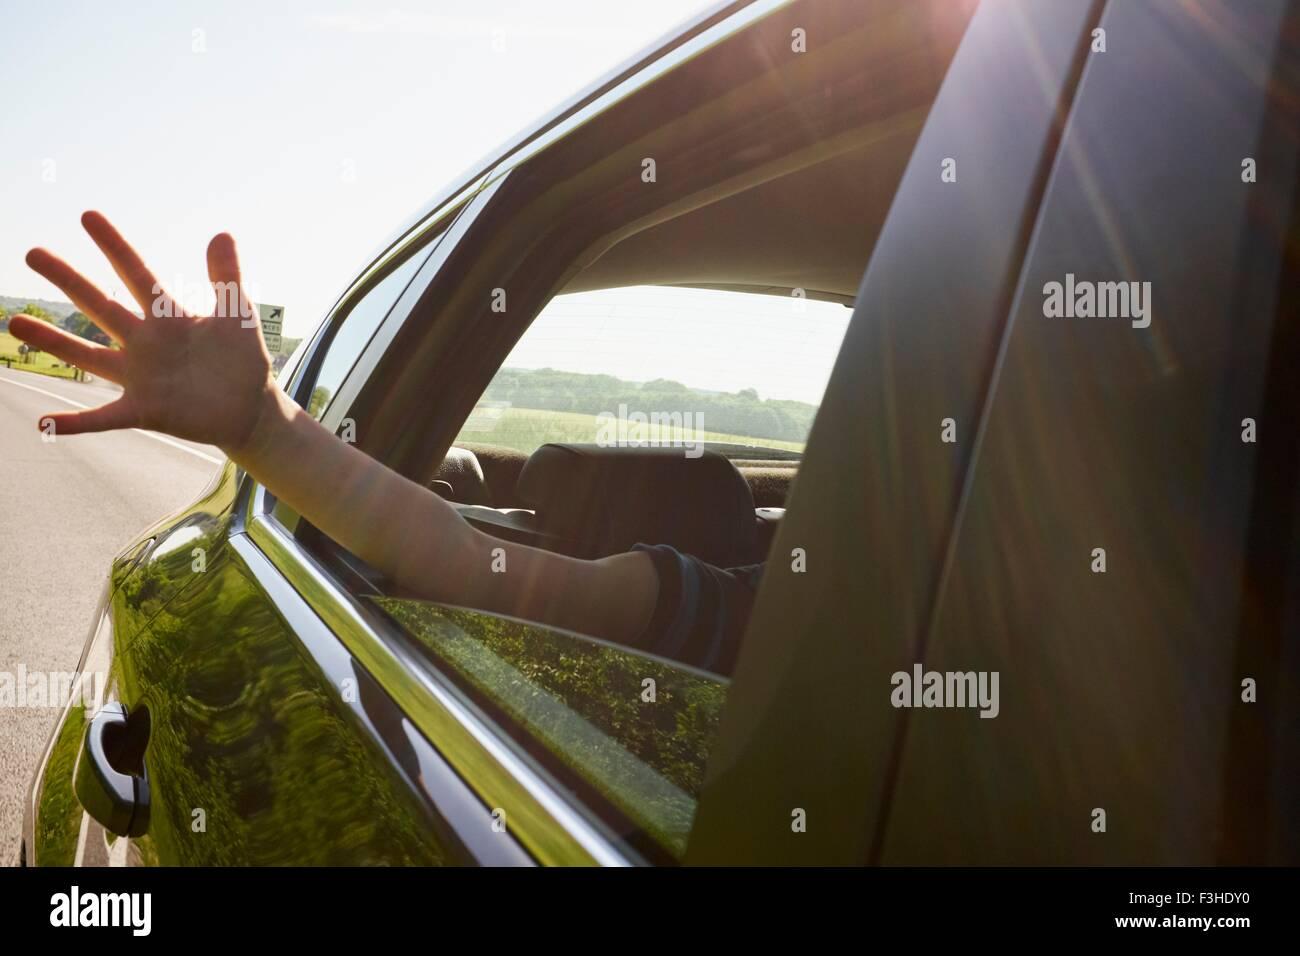 Los muchachos fuera de mano moviendo car window Imagen De Stock